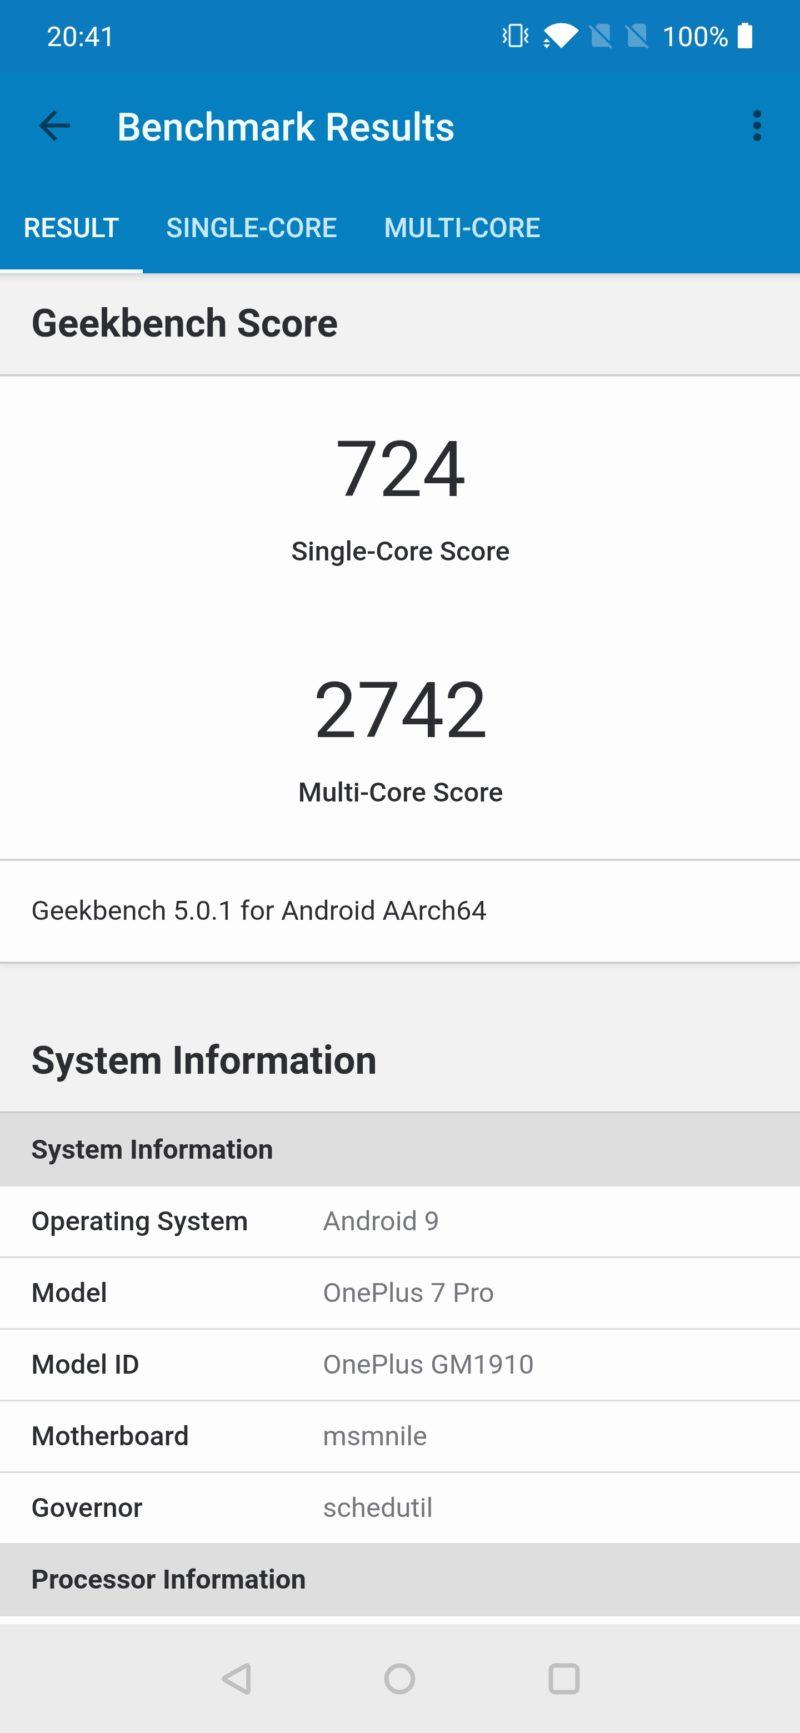 Screenshot 20190917 204141 800x1733-「OnePlus 7 Pro」を実機レビュー!ハイスペックで良いモデルだけど、惜しい部分も目立つ